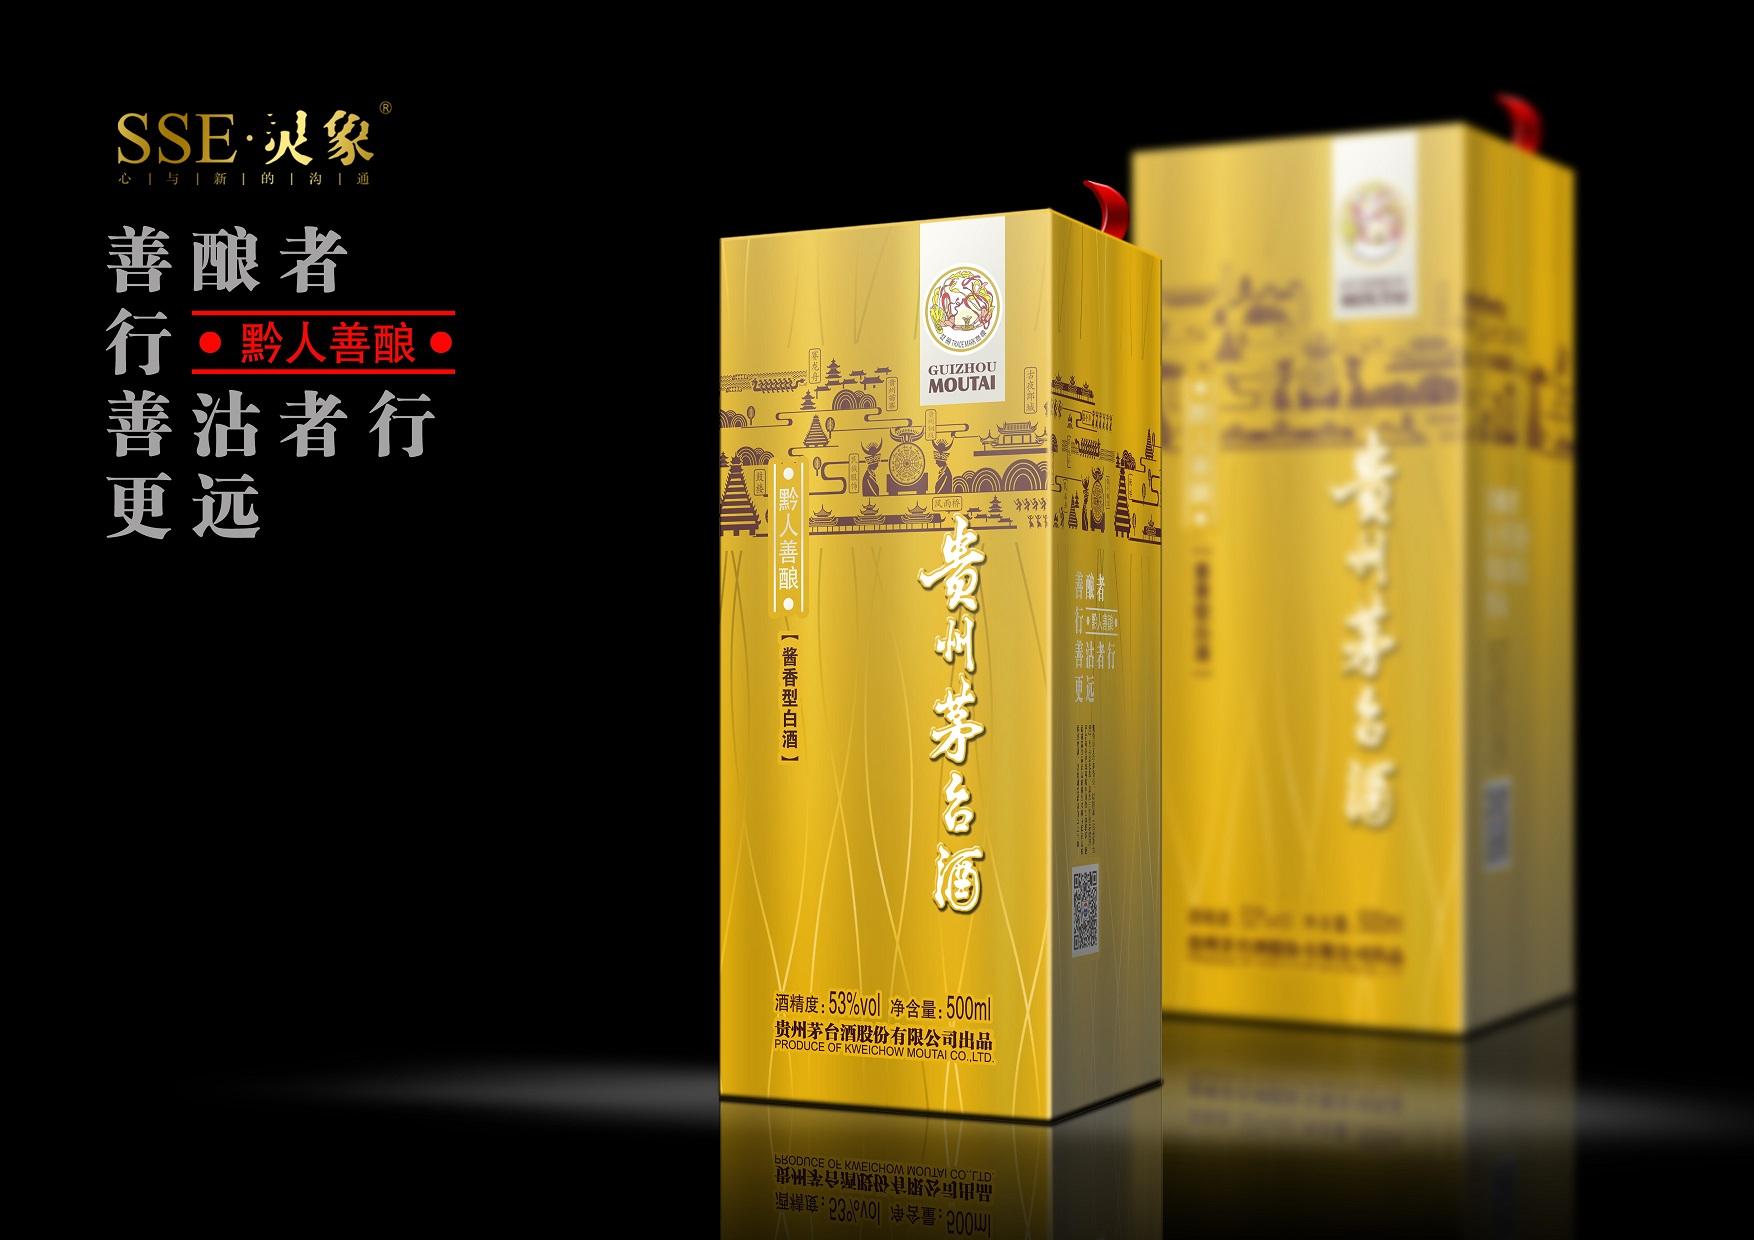 首页 包装 酒包装设计  案名:贵州茅台股份(黔人善酿)系列包装 服务